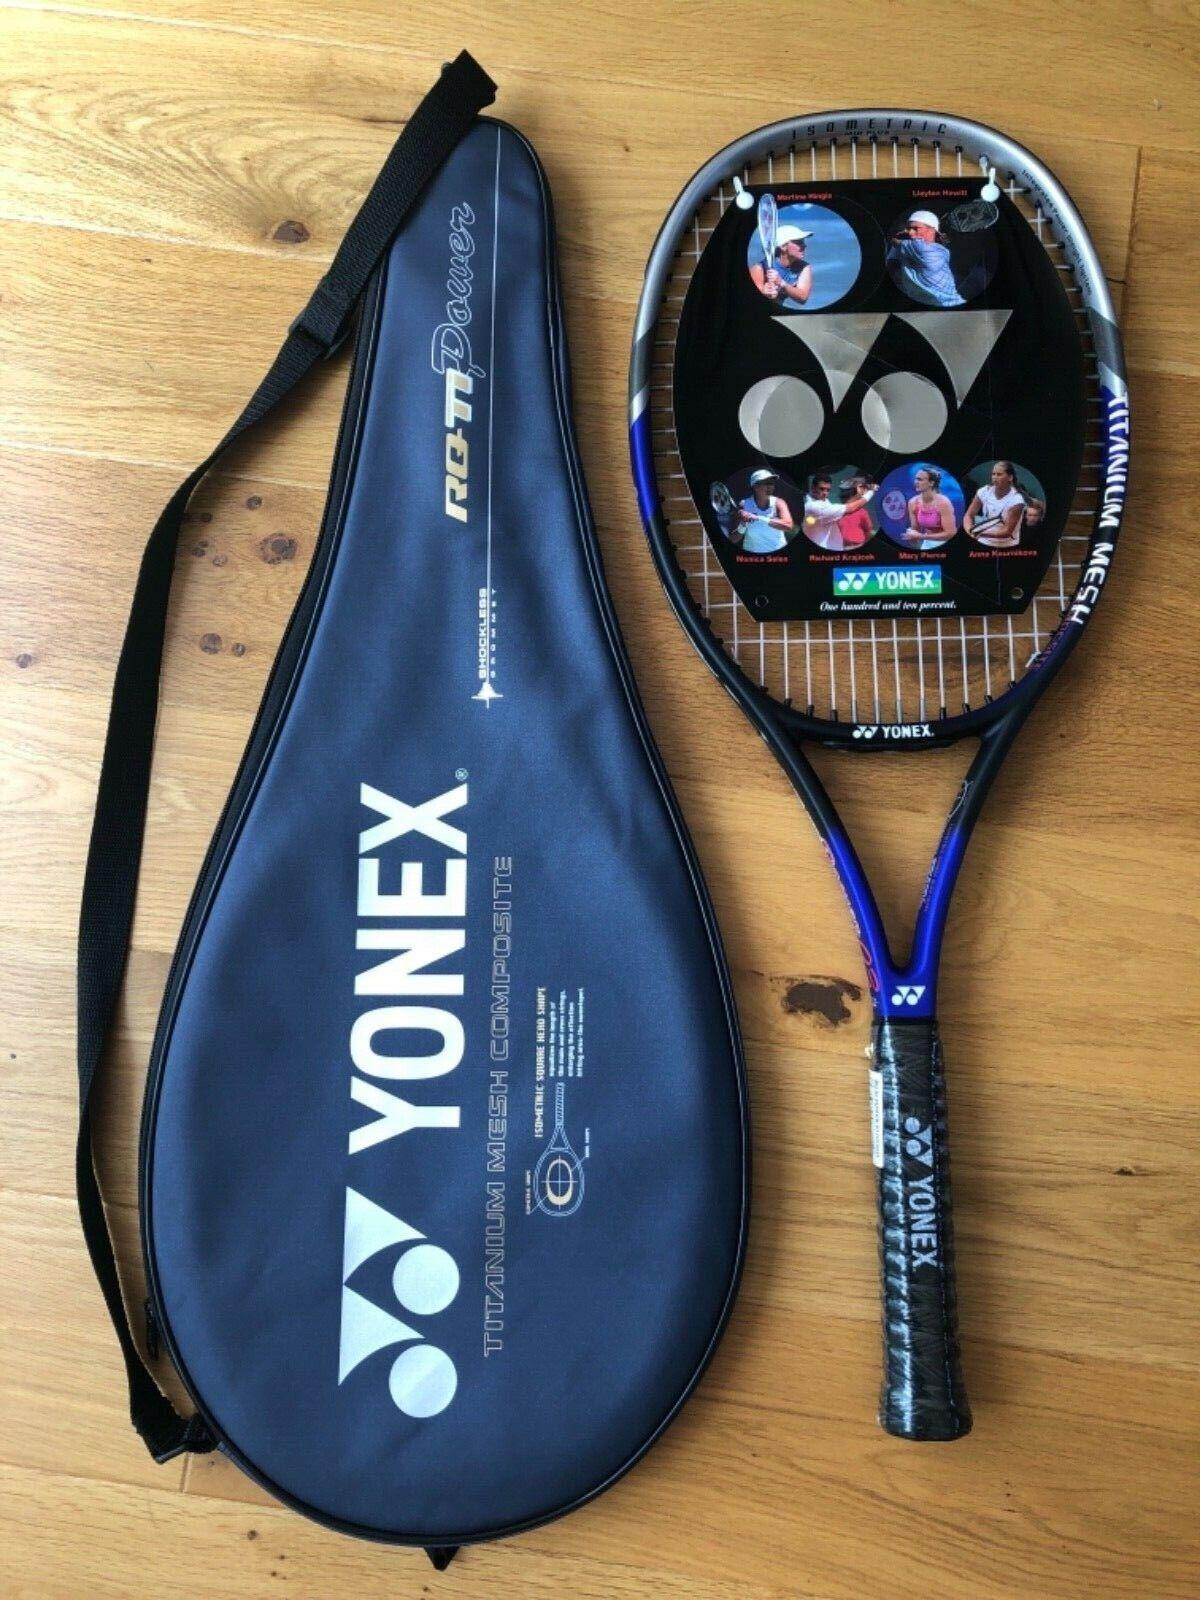 YONEX RQ Ti Power 03 Raquette de tennis et couGrünure. Grip 2. NEUF dans emballage.